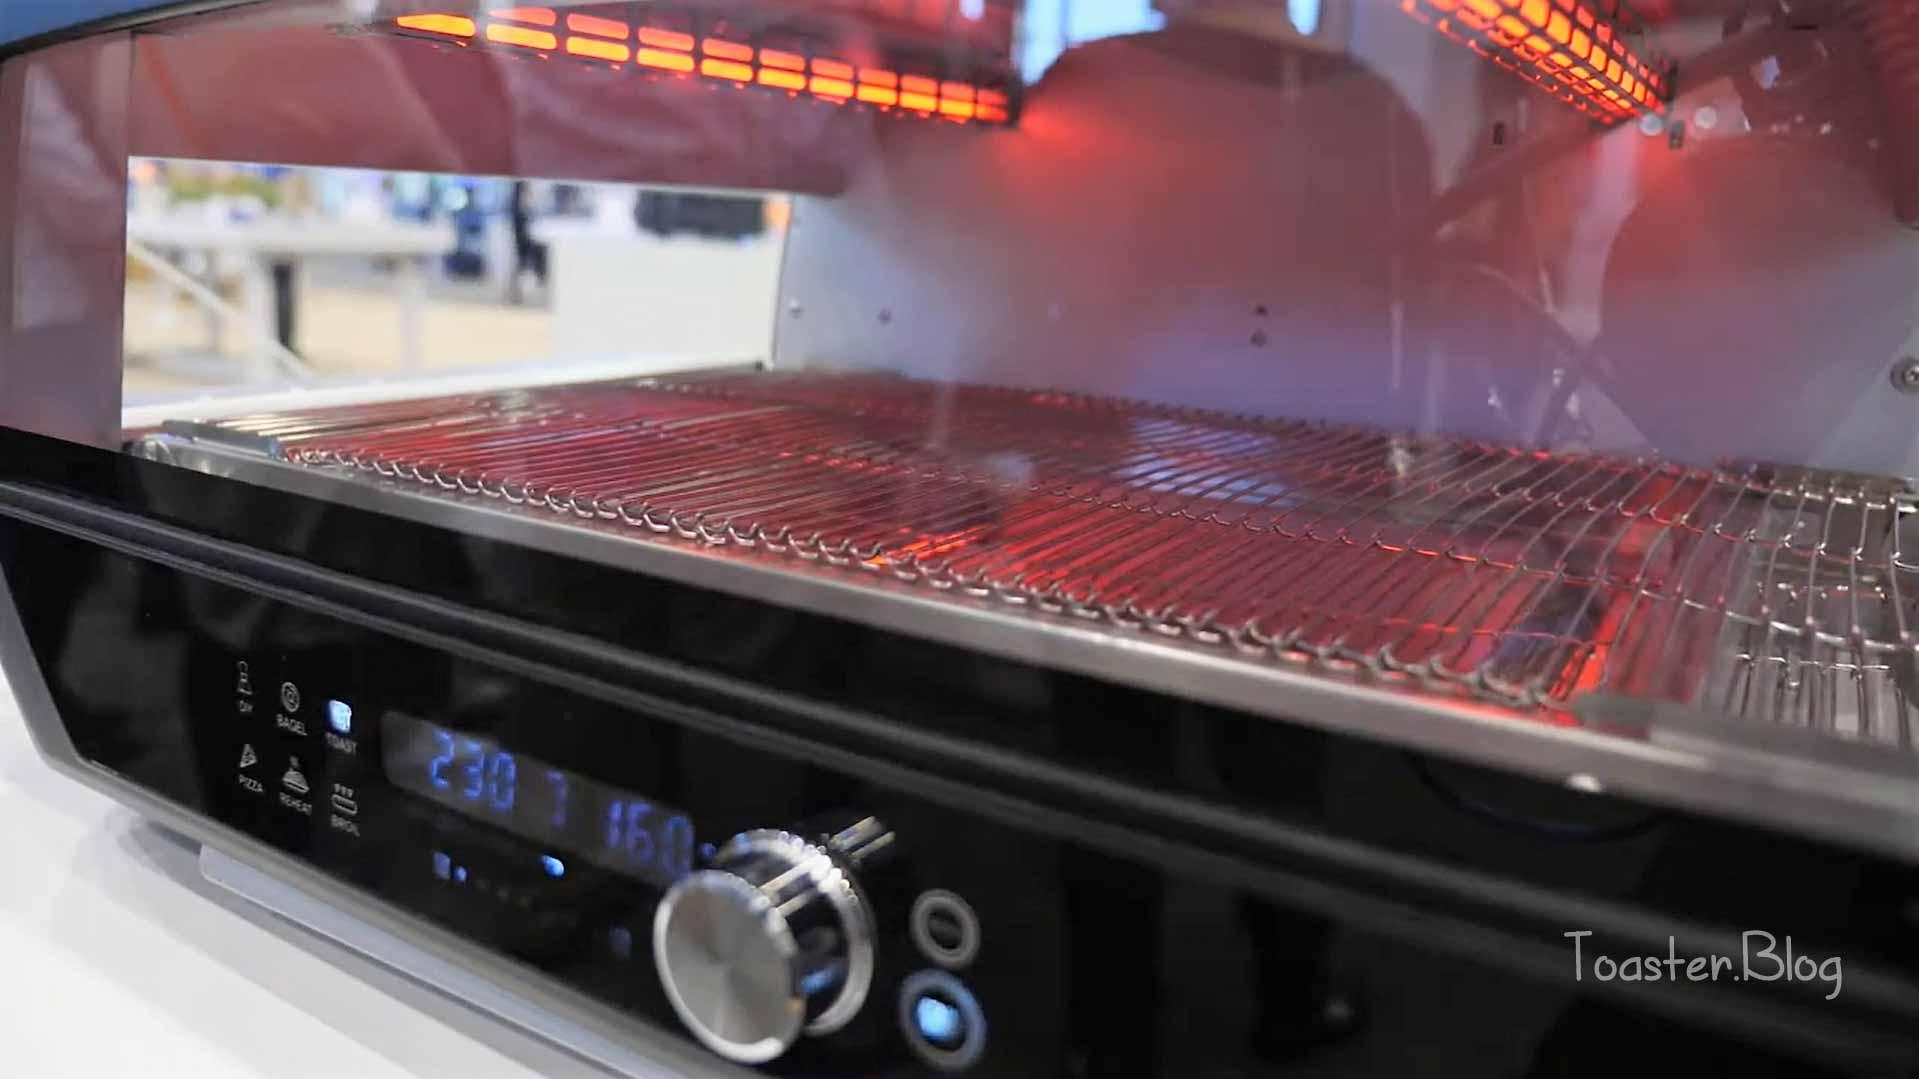 Best conveyer toaster